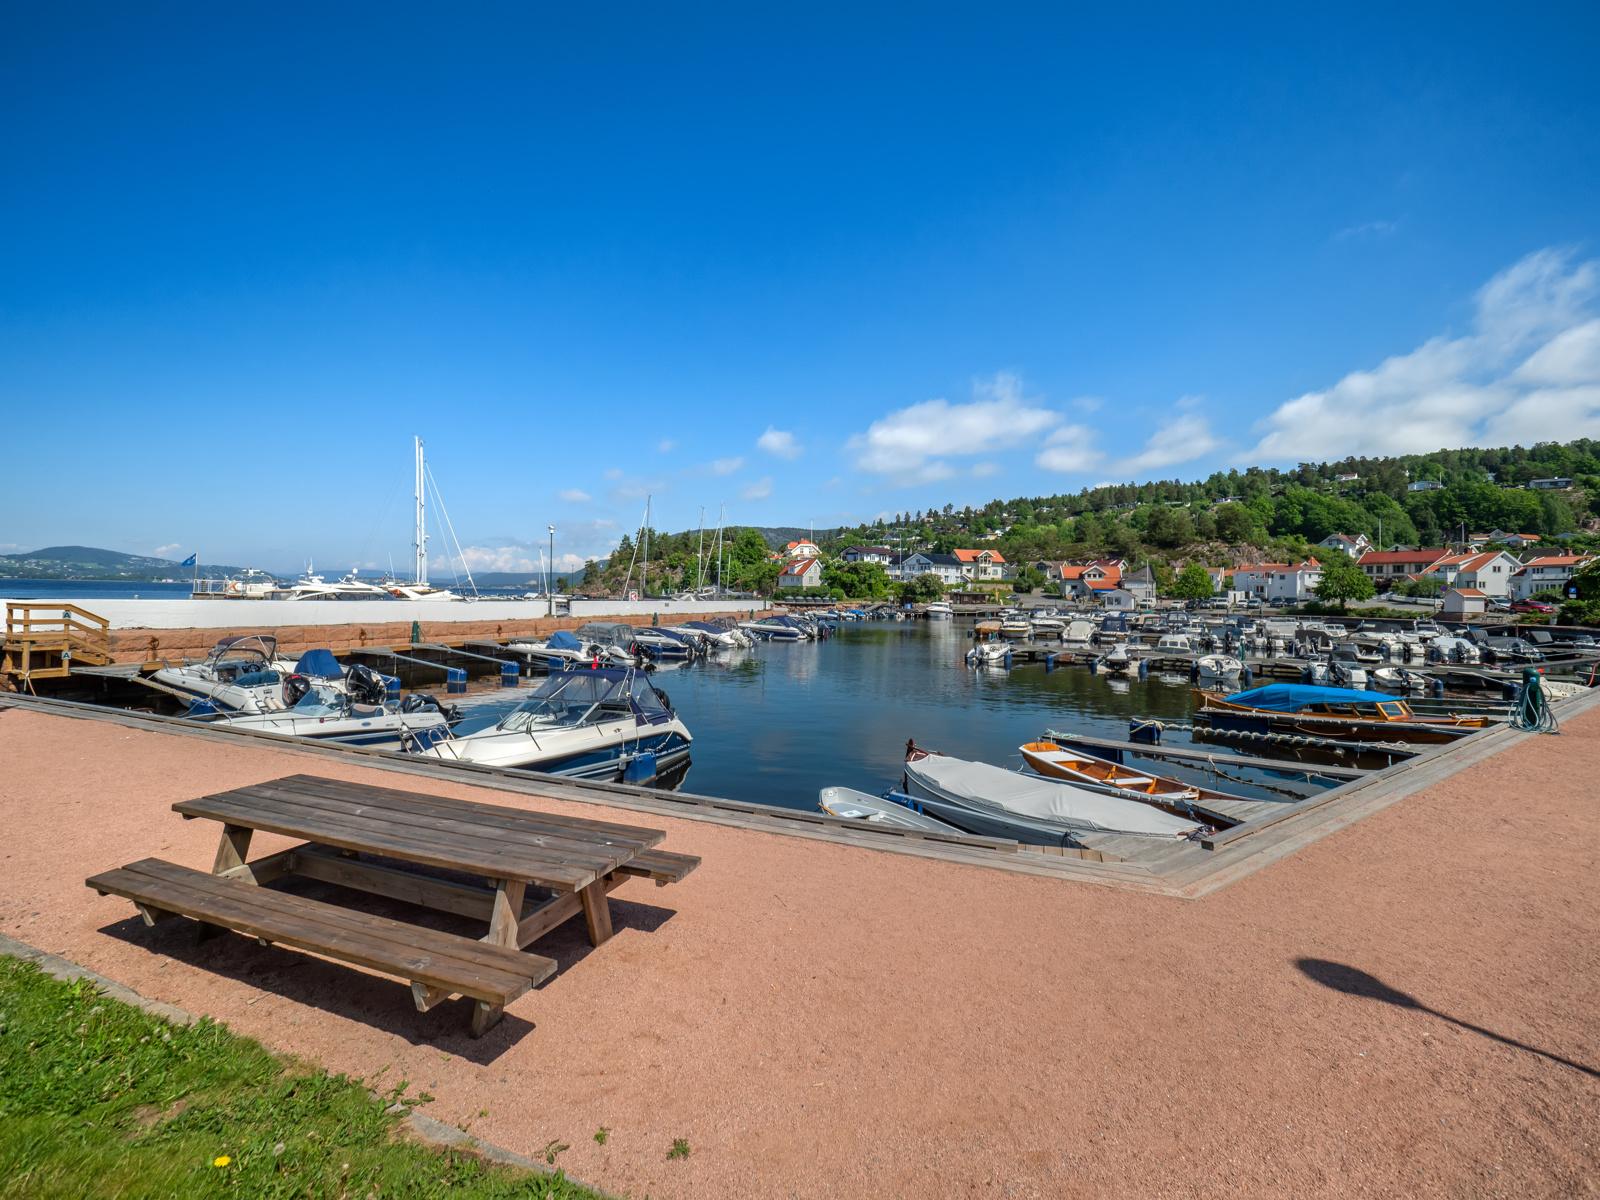 Holmsbu havn med mulighet for båtplass etter venteliste